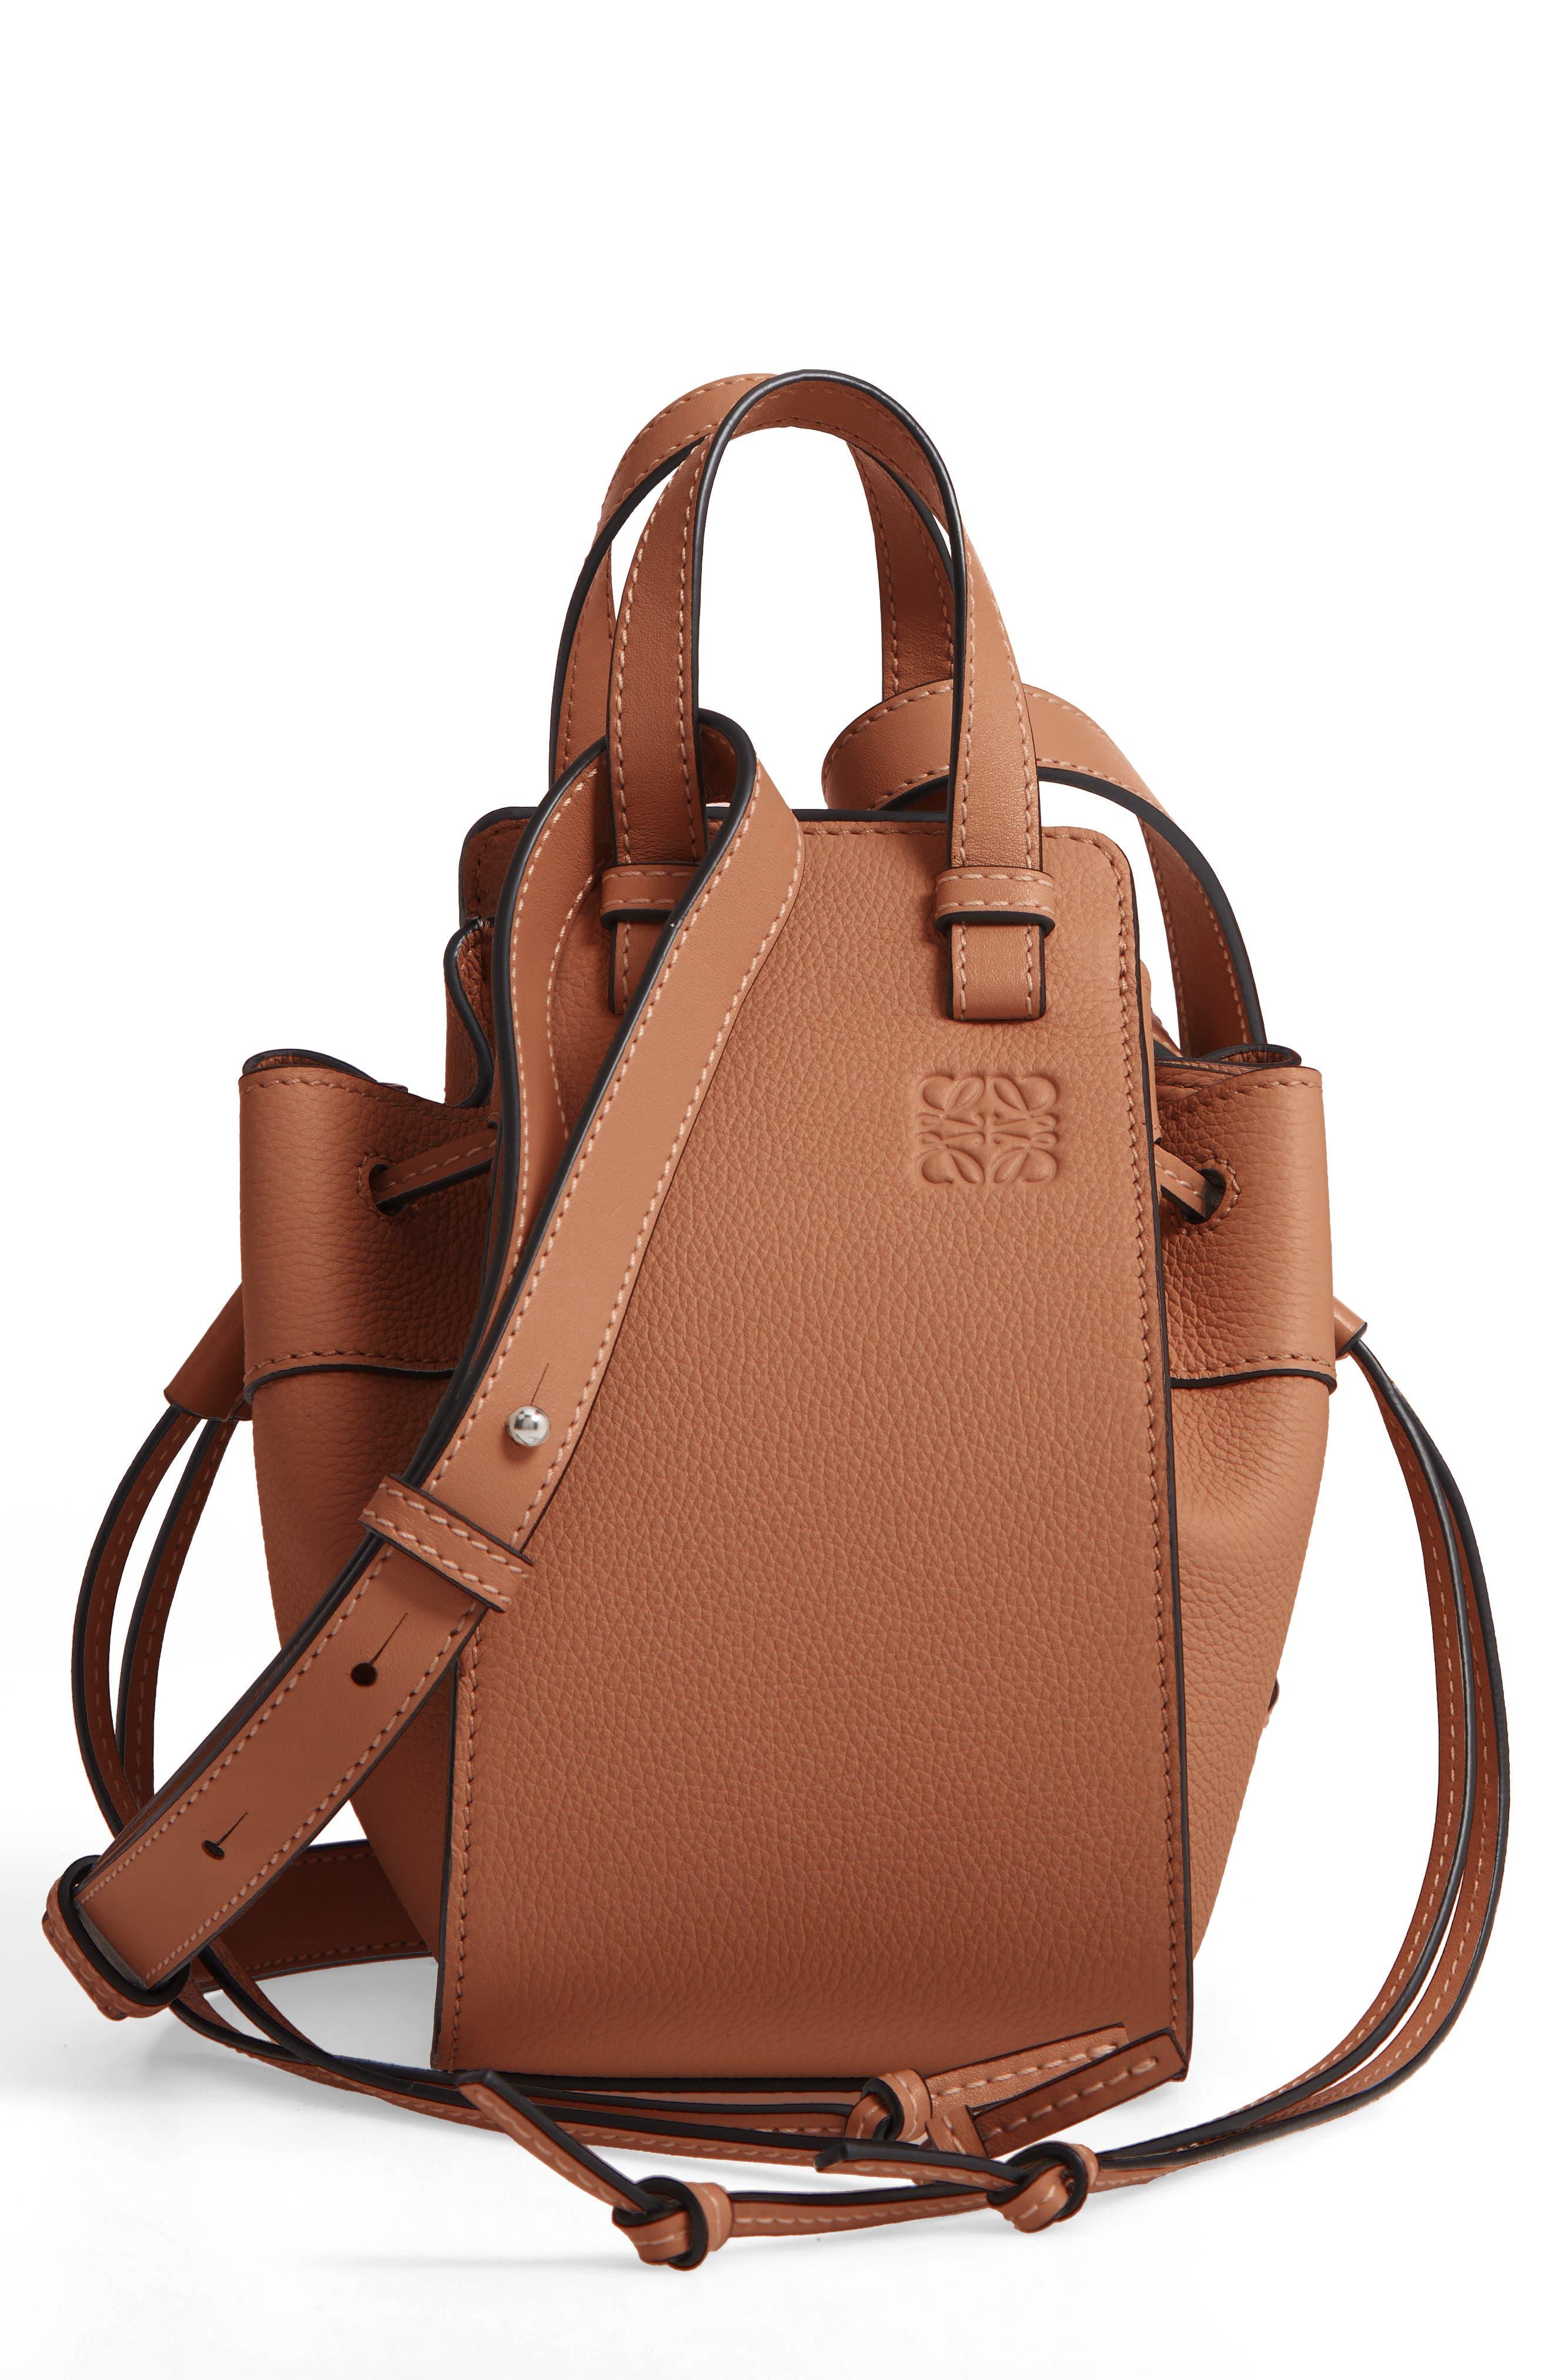 LOEWE,                             Mini Hammock Calfskin Leather Hobo Bag,                             Main thumbnail 1, color,                             TAN